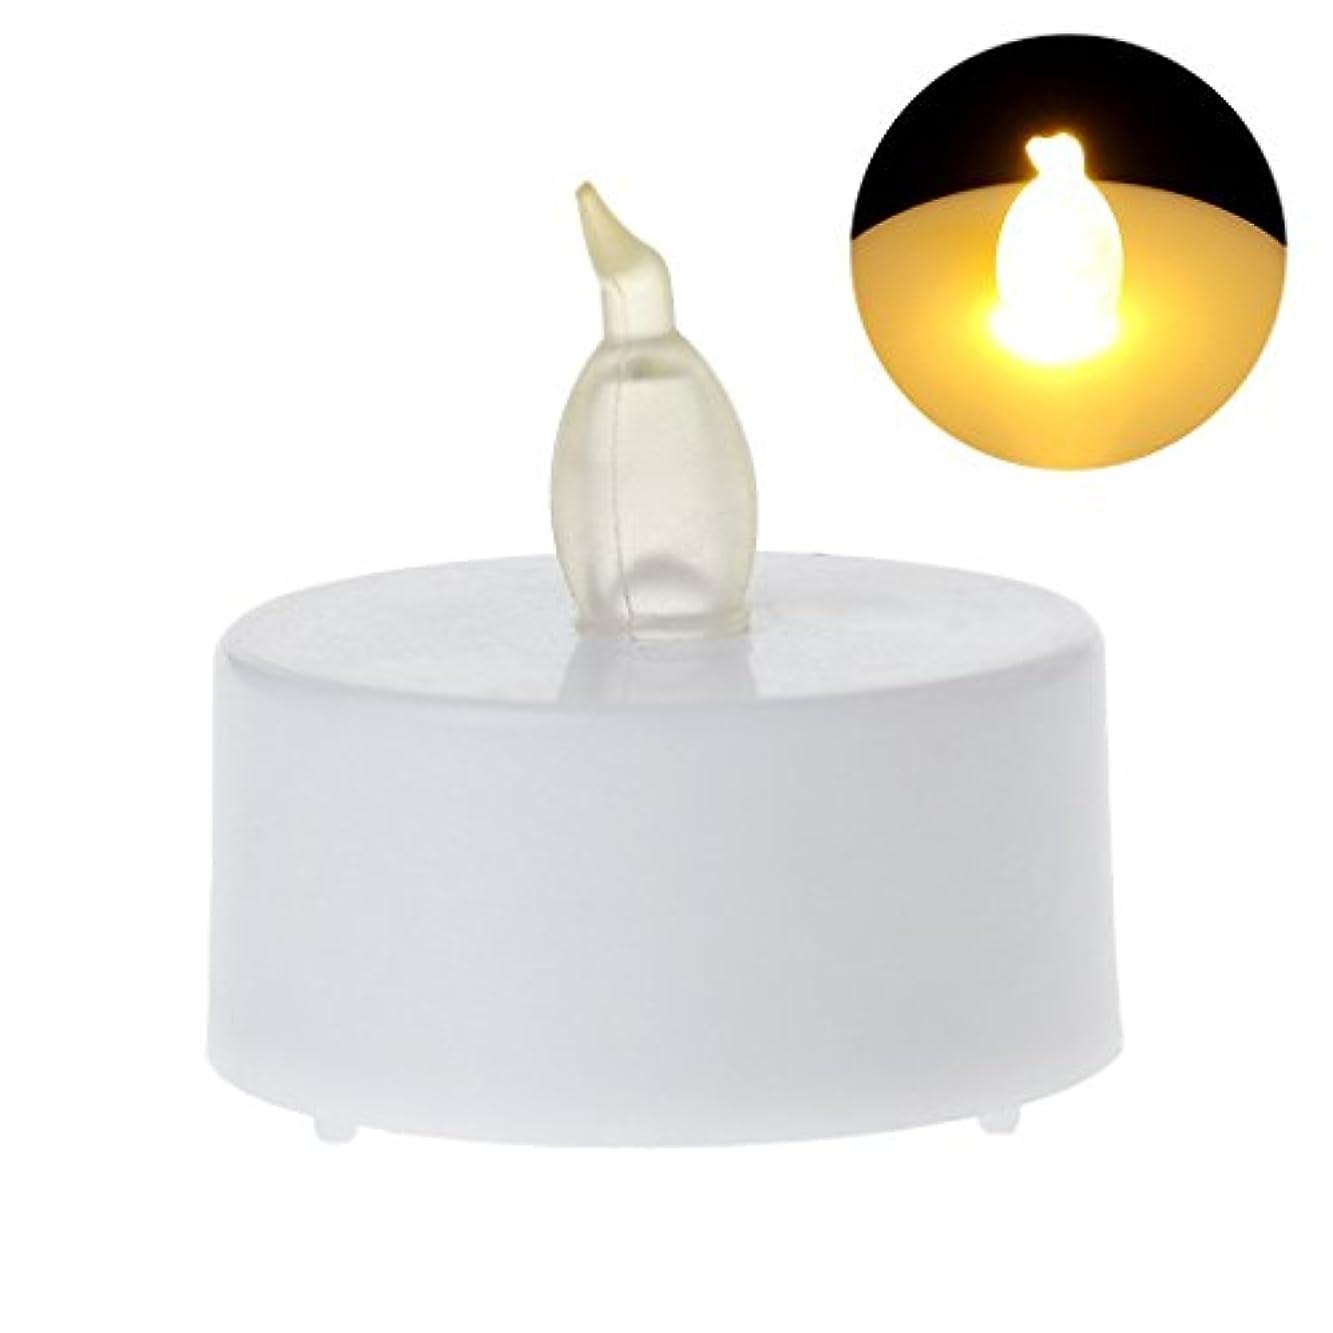 資金シリアル混乱したSimpleLife 無炎LEDティーライトのキャンドルライト電池は、ホームウェディングパーティーのために運営